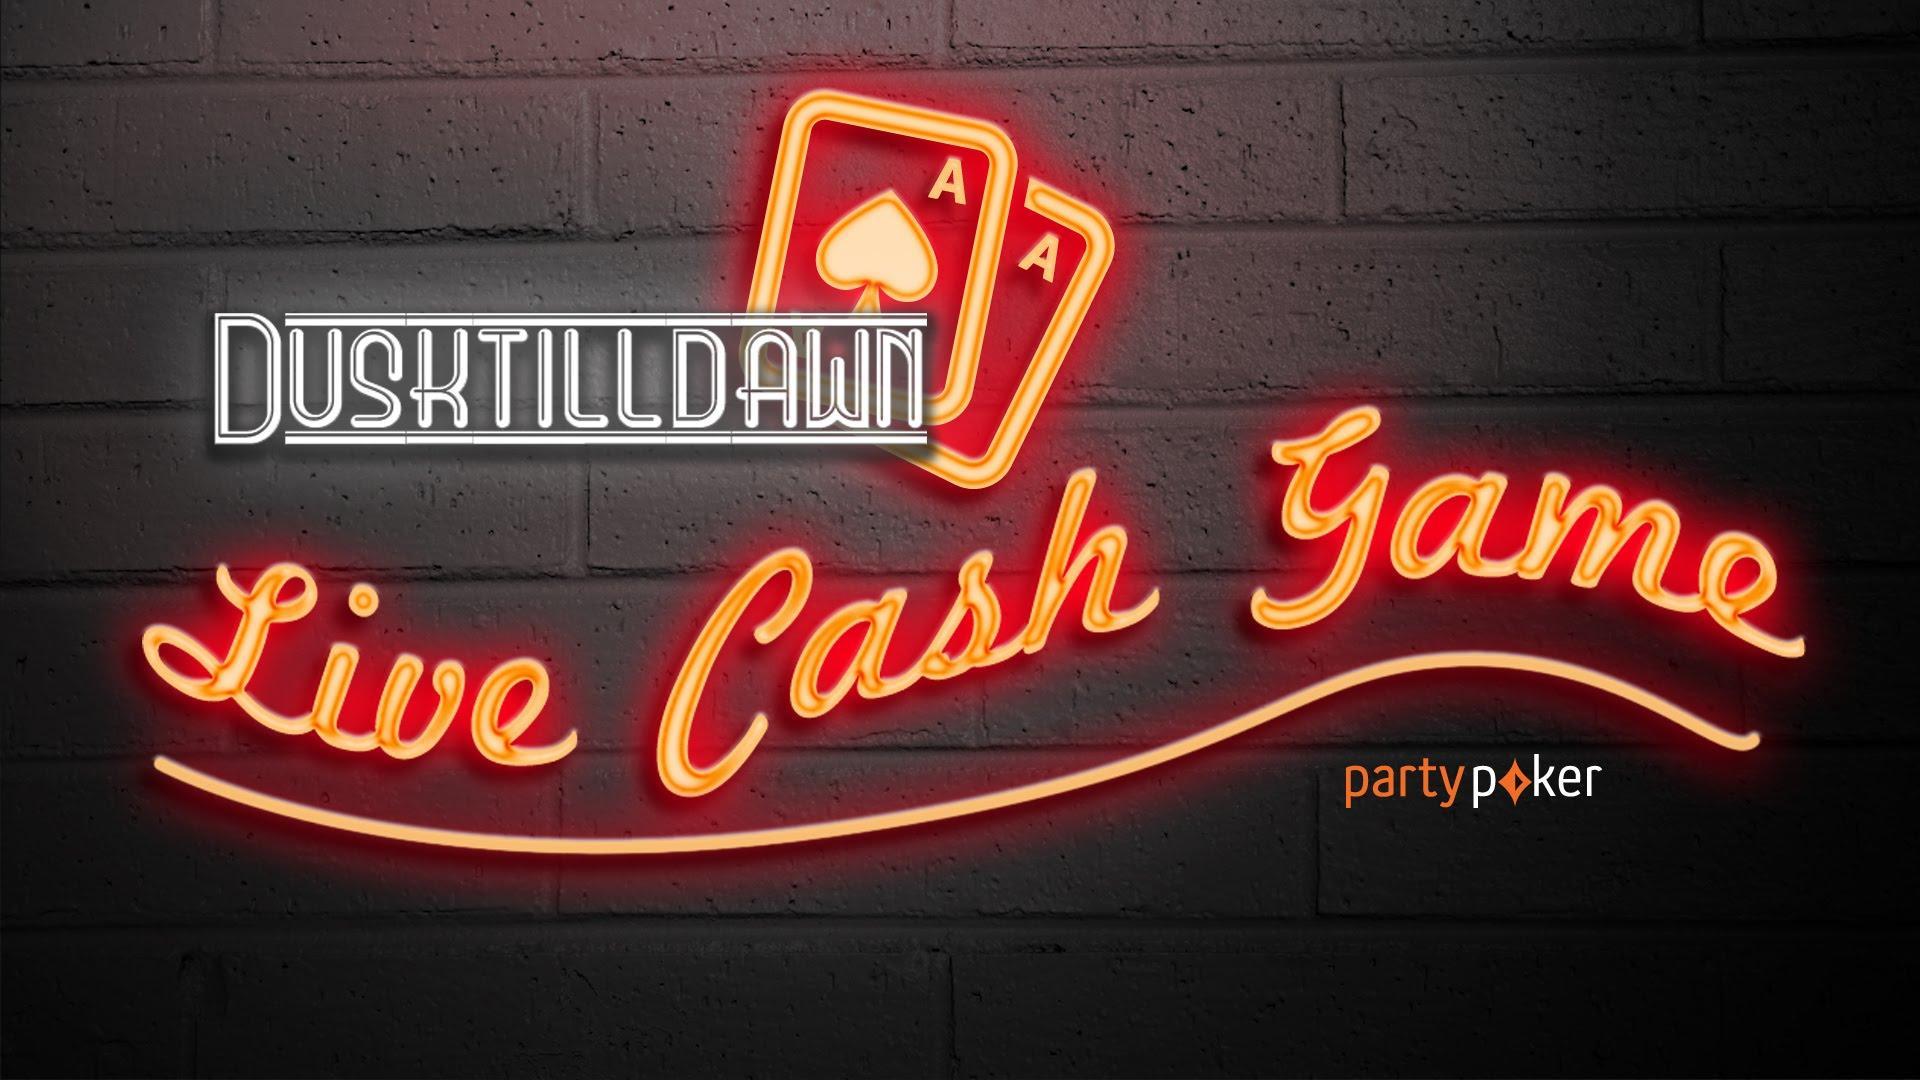 DTD Live Cash Game - 27 April 2016